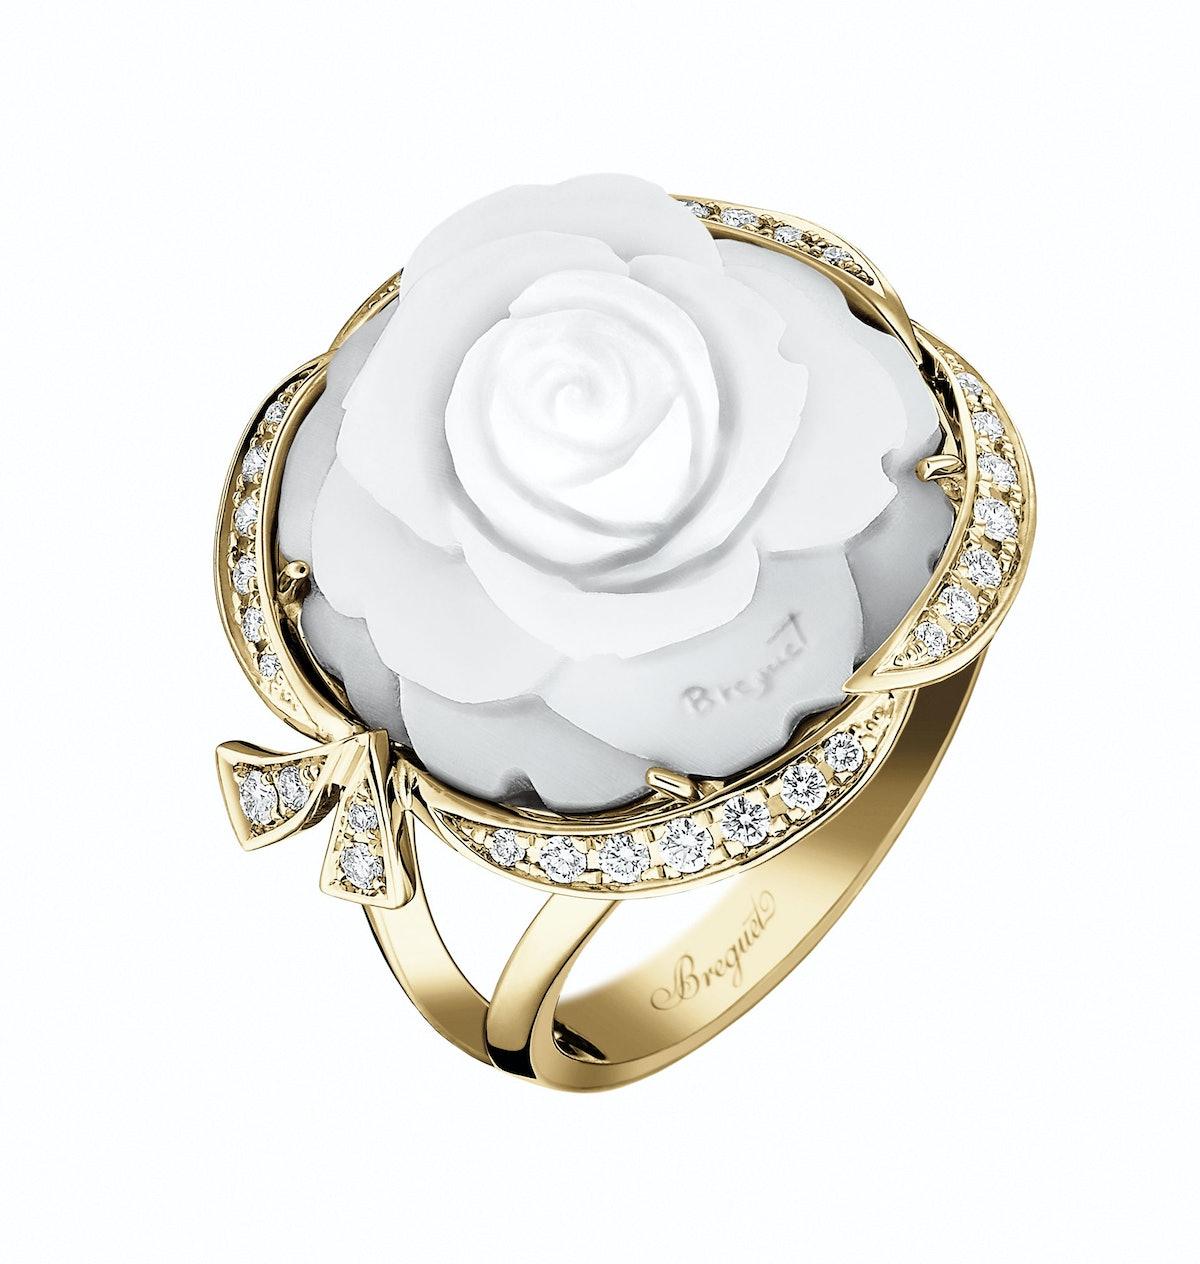 Breguet gold, seashell, and diamond ring, $14,300, [breguet.com](http://www.breguet.com/en/).